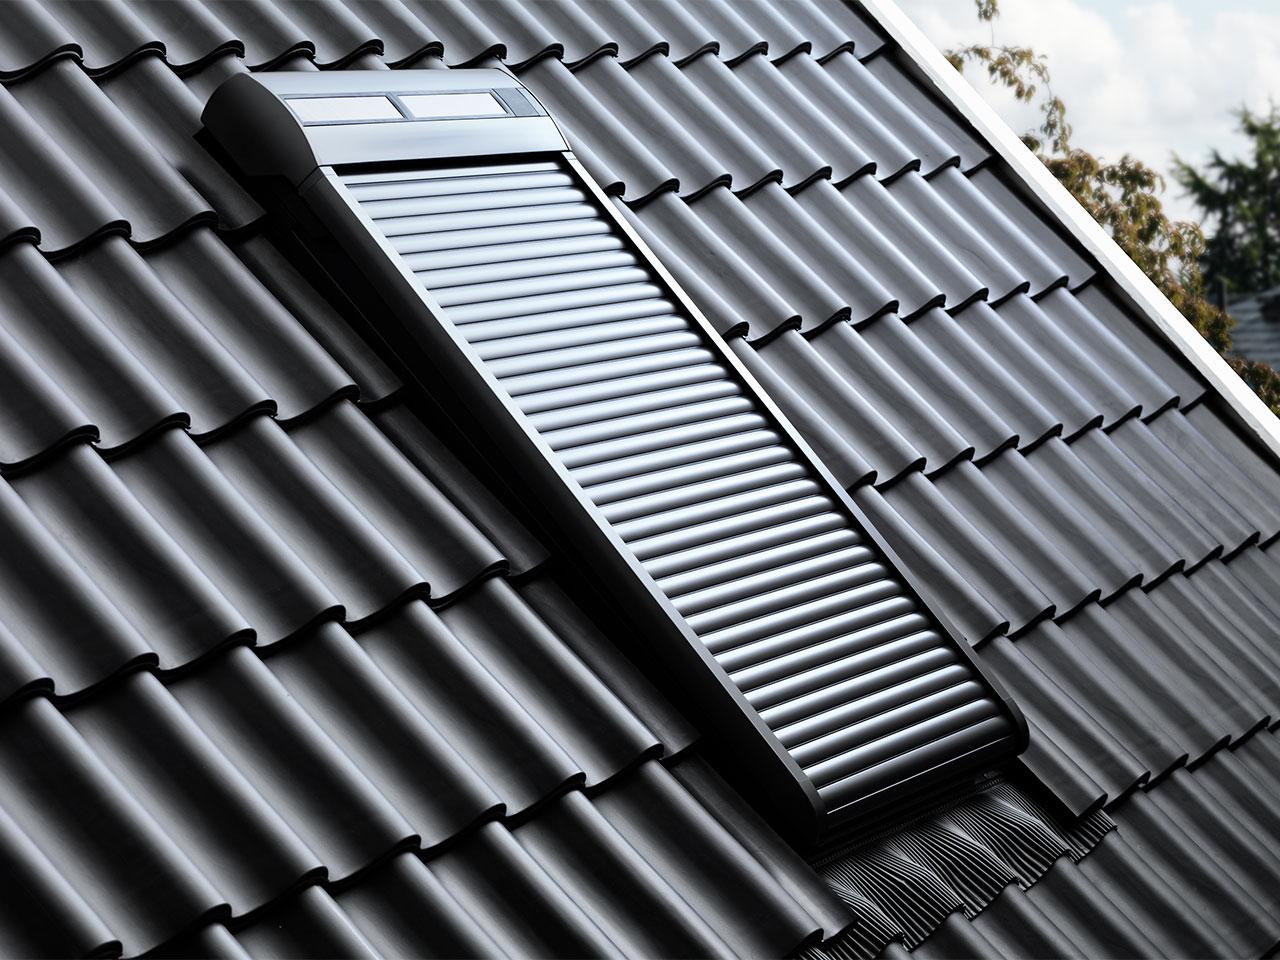 Full Size of Velux Fenster Kaufen Dachfenster Rolllden Fr Auen Küche Ikea Zwangsbelüftung Nachrüsten Sofa Online Sichtschutz Neue Einbauen Günstig Mit Elektrogeräten Fenster Velux Fenster Kaufen